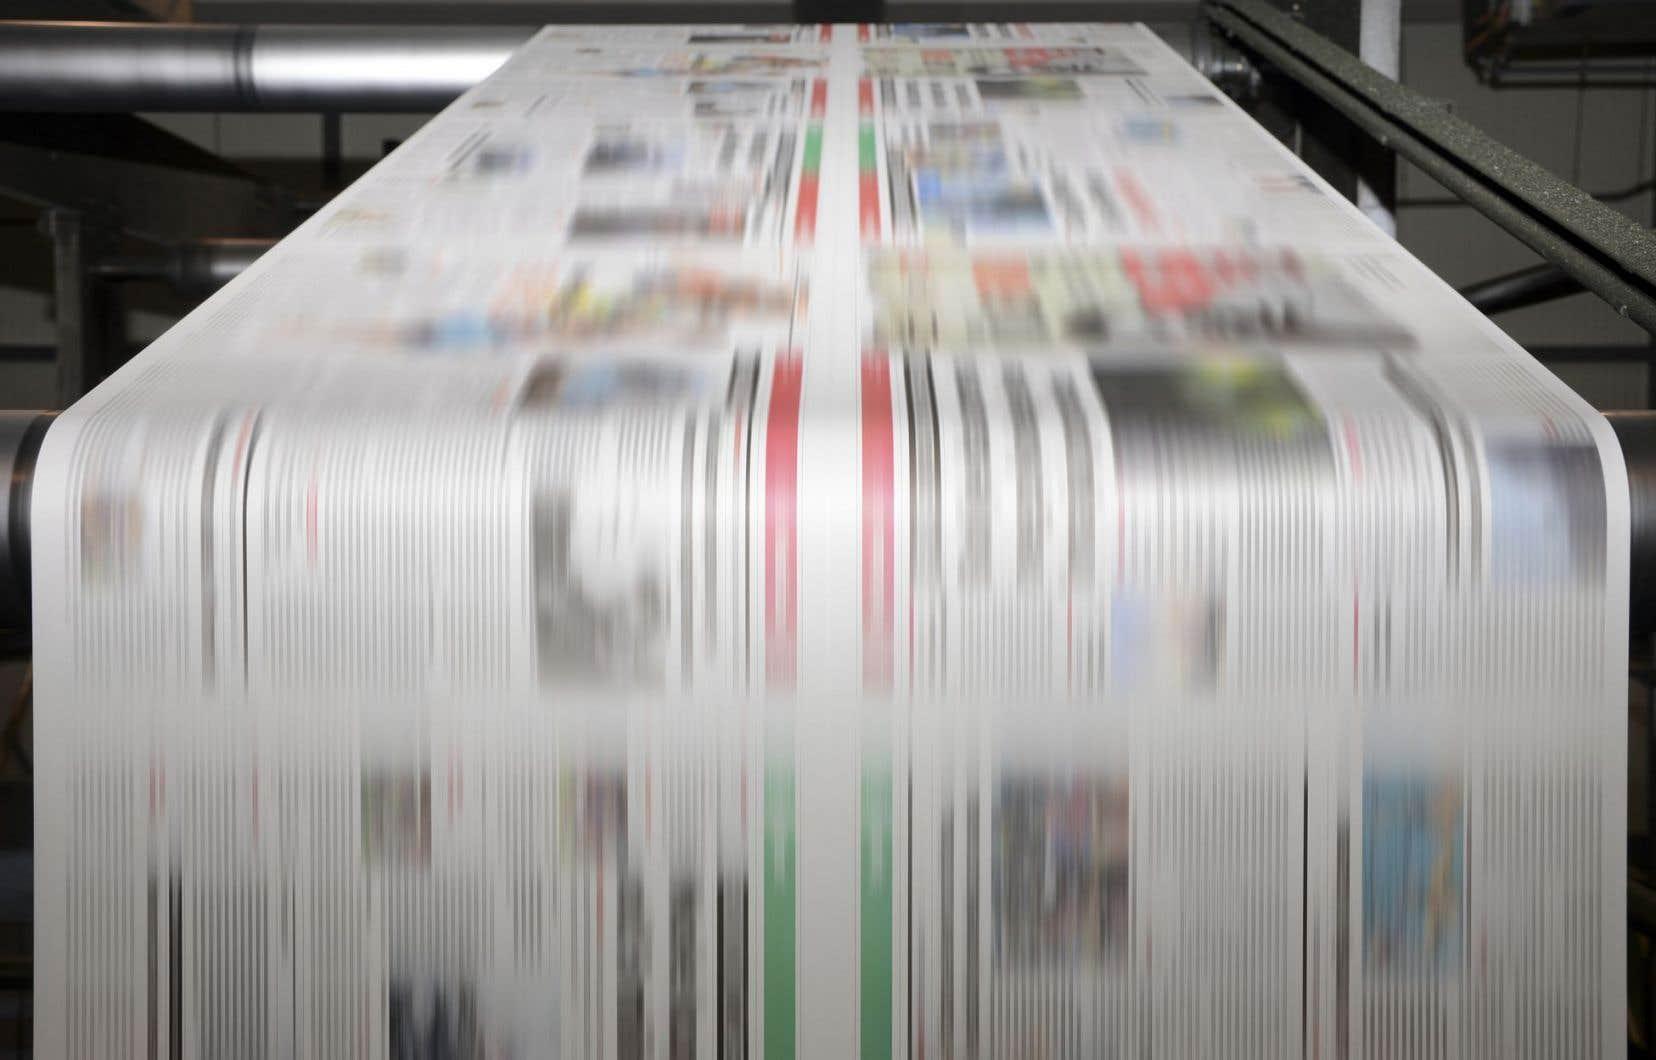 L'univers médiatique a radicalement changé depuis la publication du rapport Payette en 2010